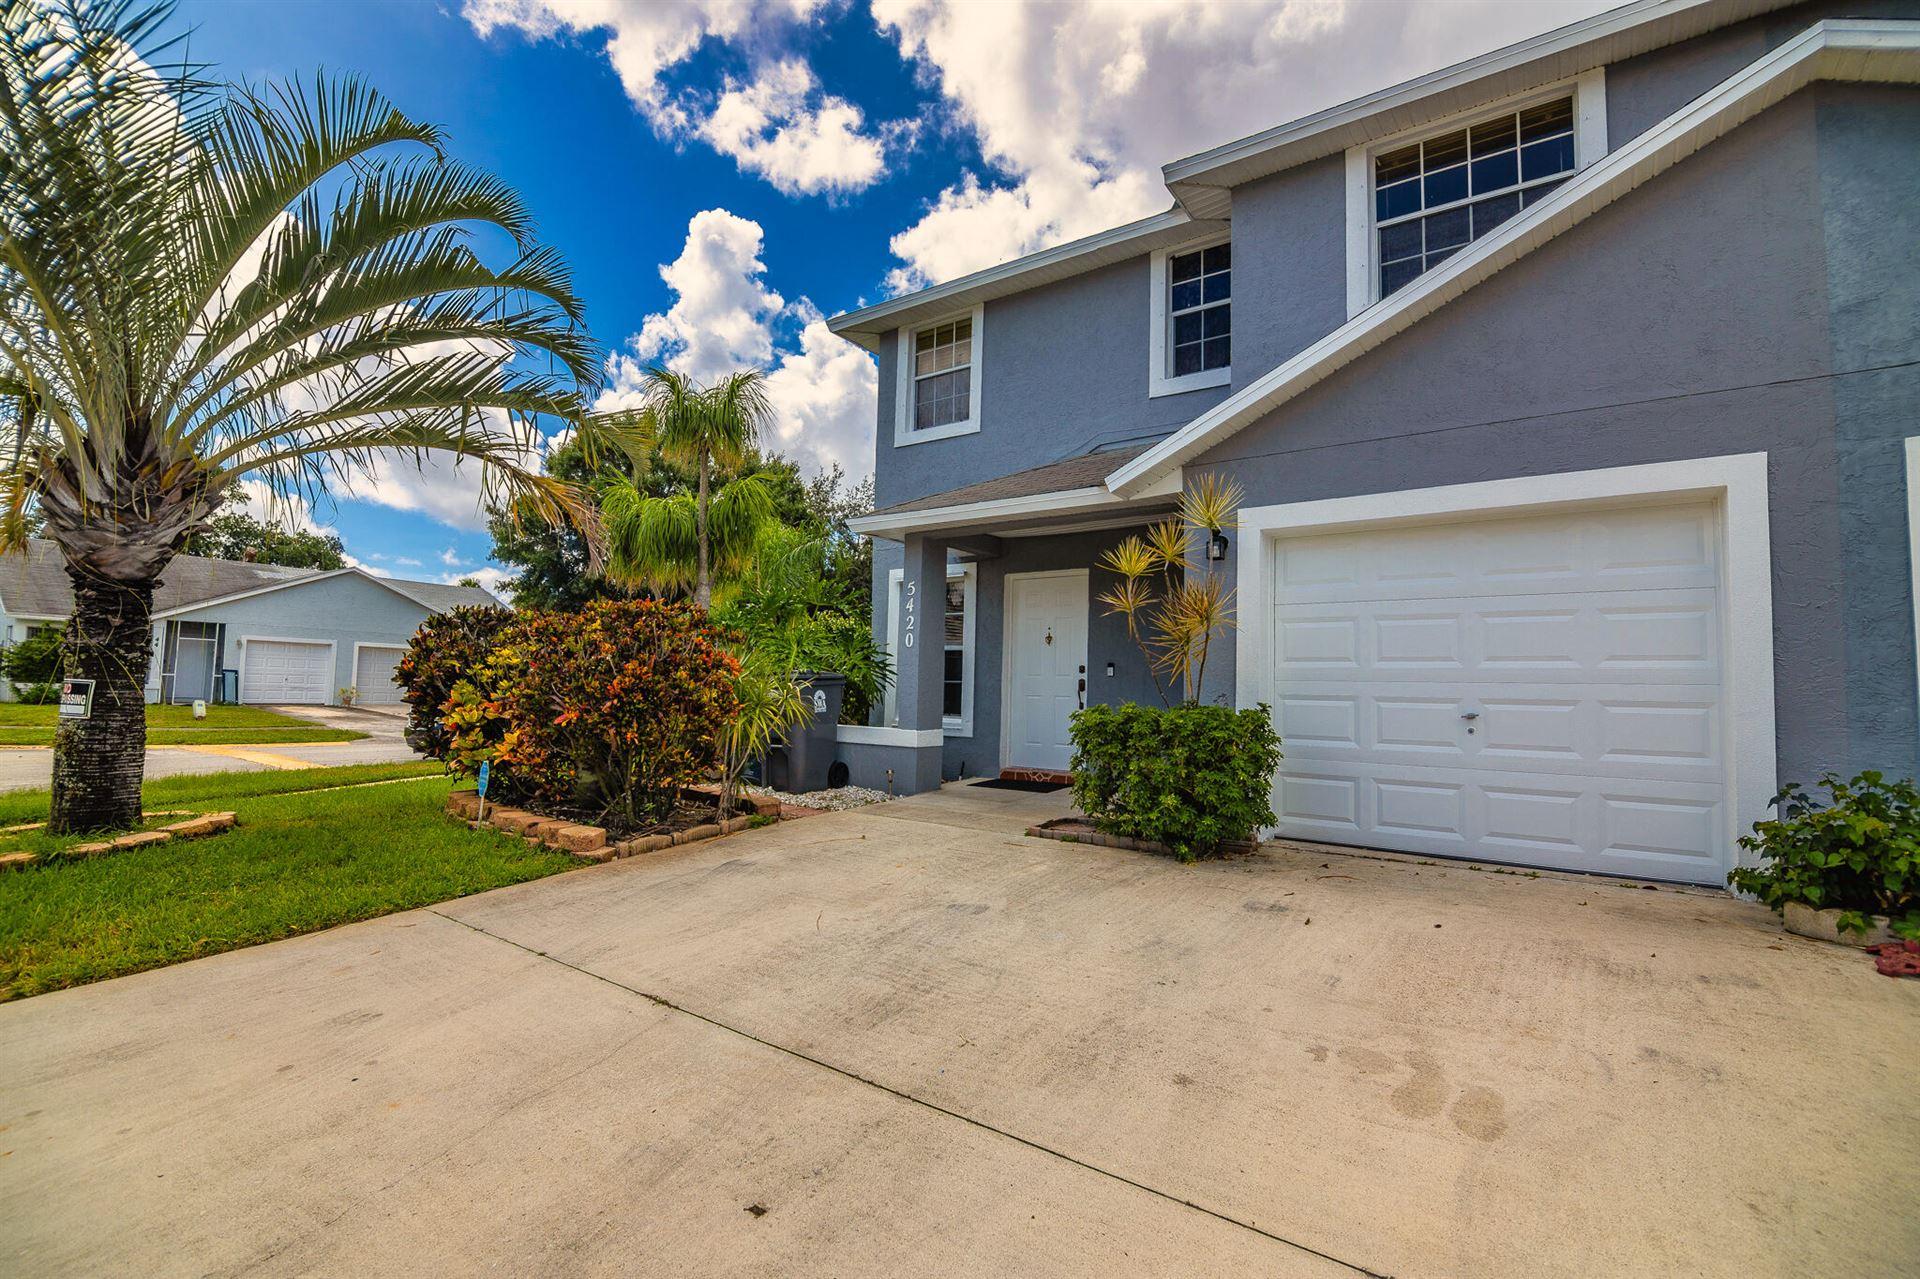 5420 Pinnacle Lane, West Palm Beach, FL 33415 - MLS#: RX-10738442